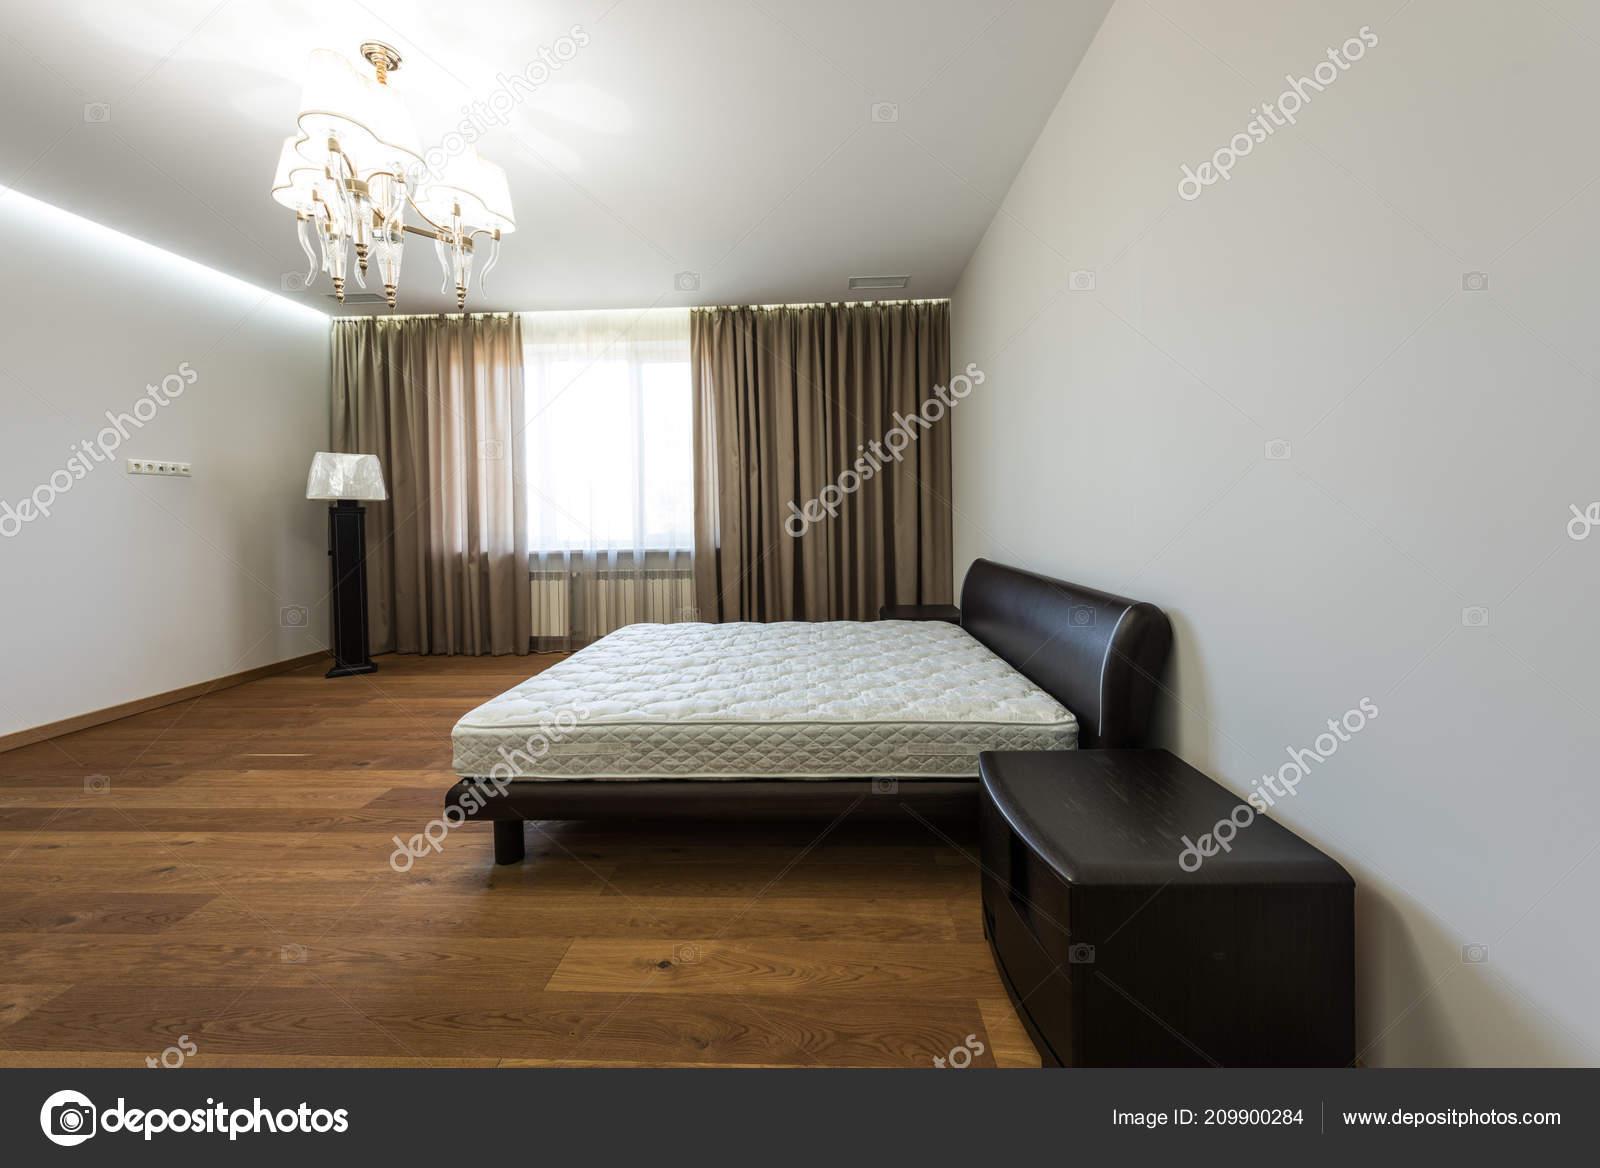 interieur van lege slaapkamer met gordijnen groot venster matrassen bed stockfoto